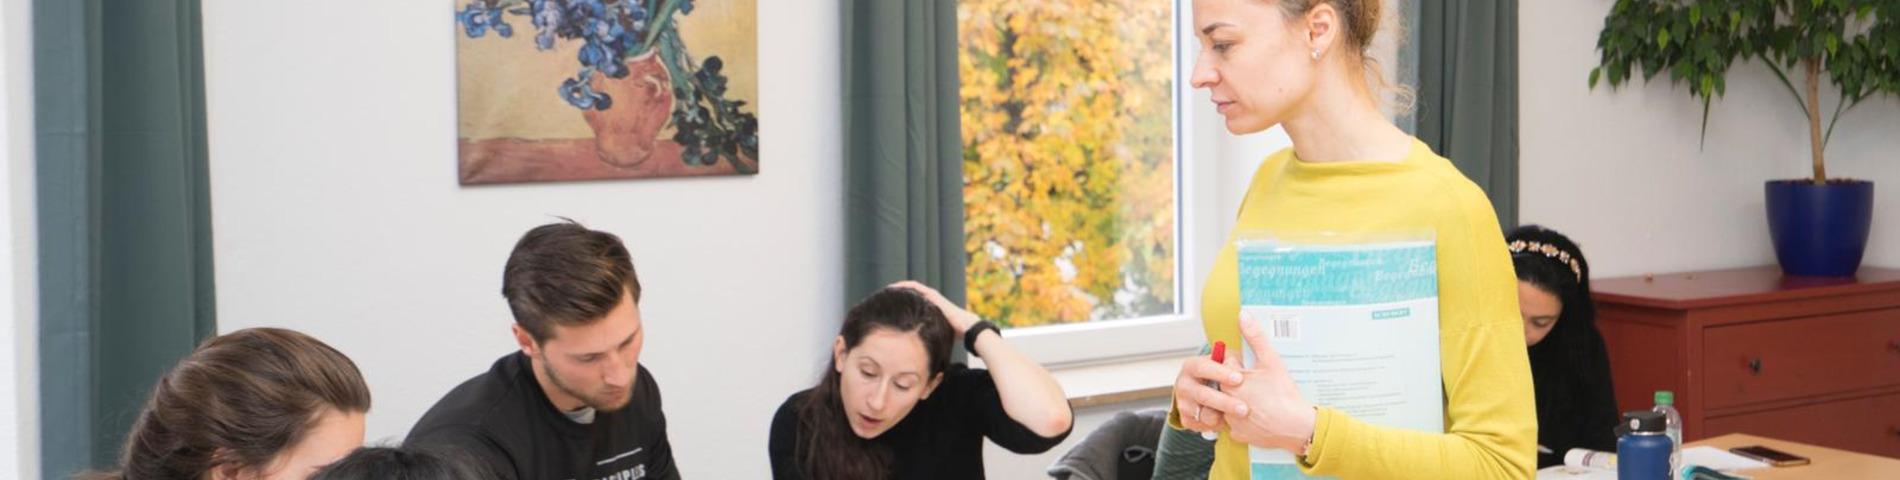 Sprachschule Aktiv 사진 1